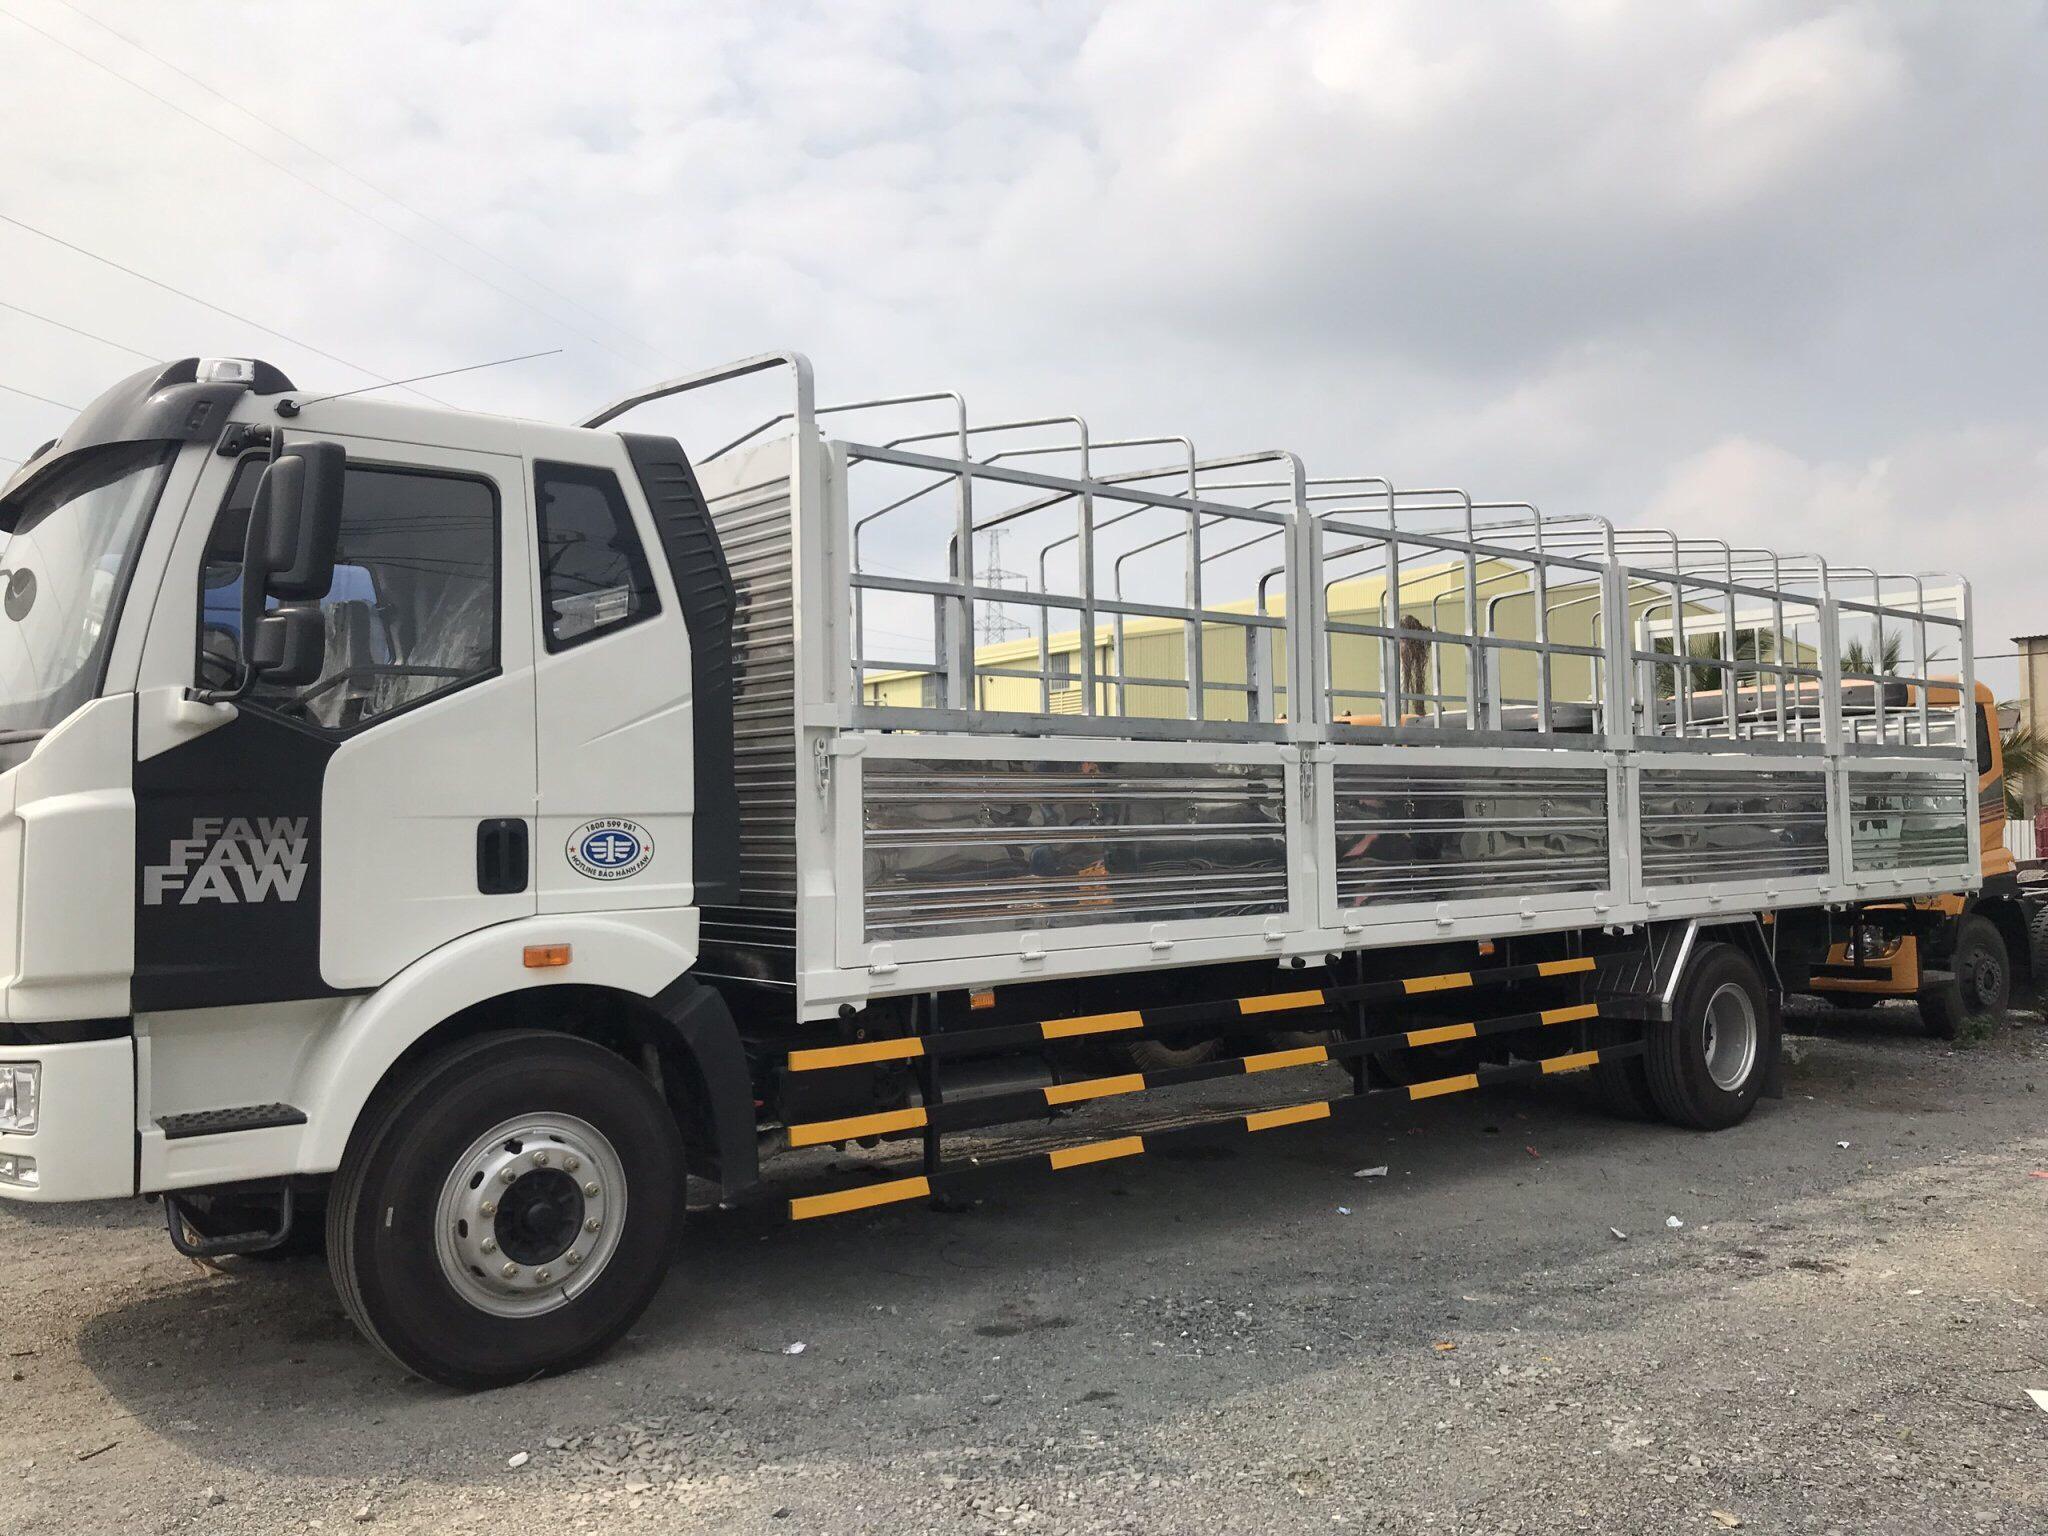 xe tải Faw 7.2T